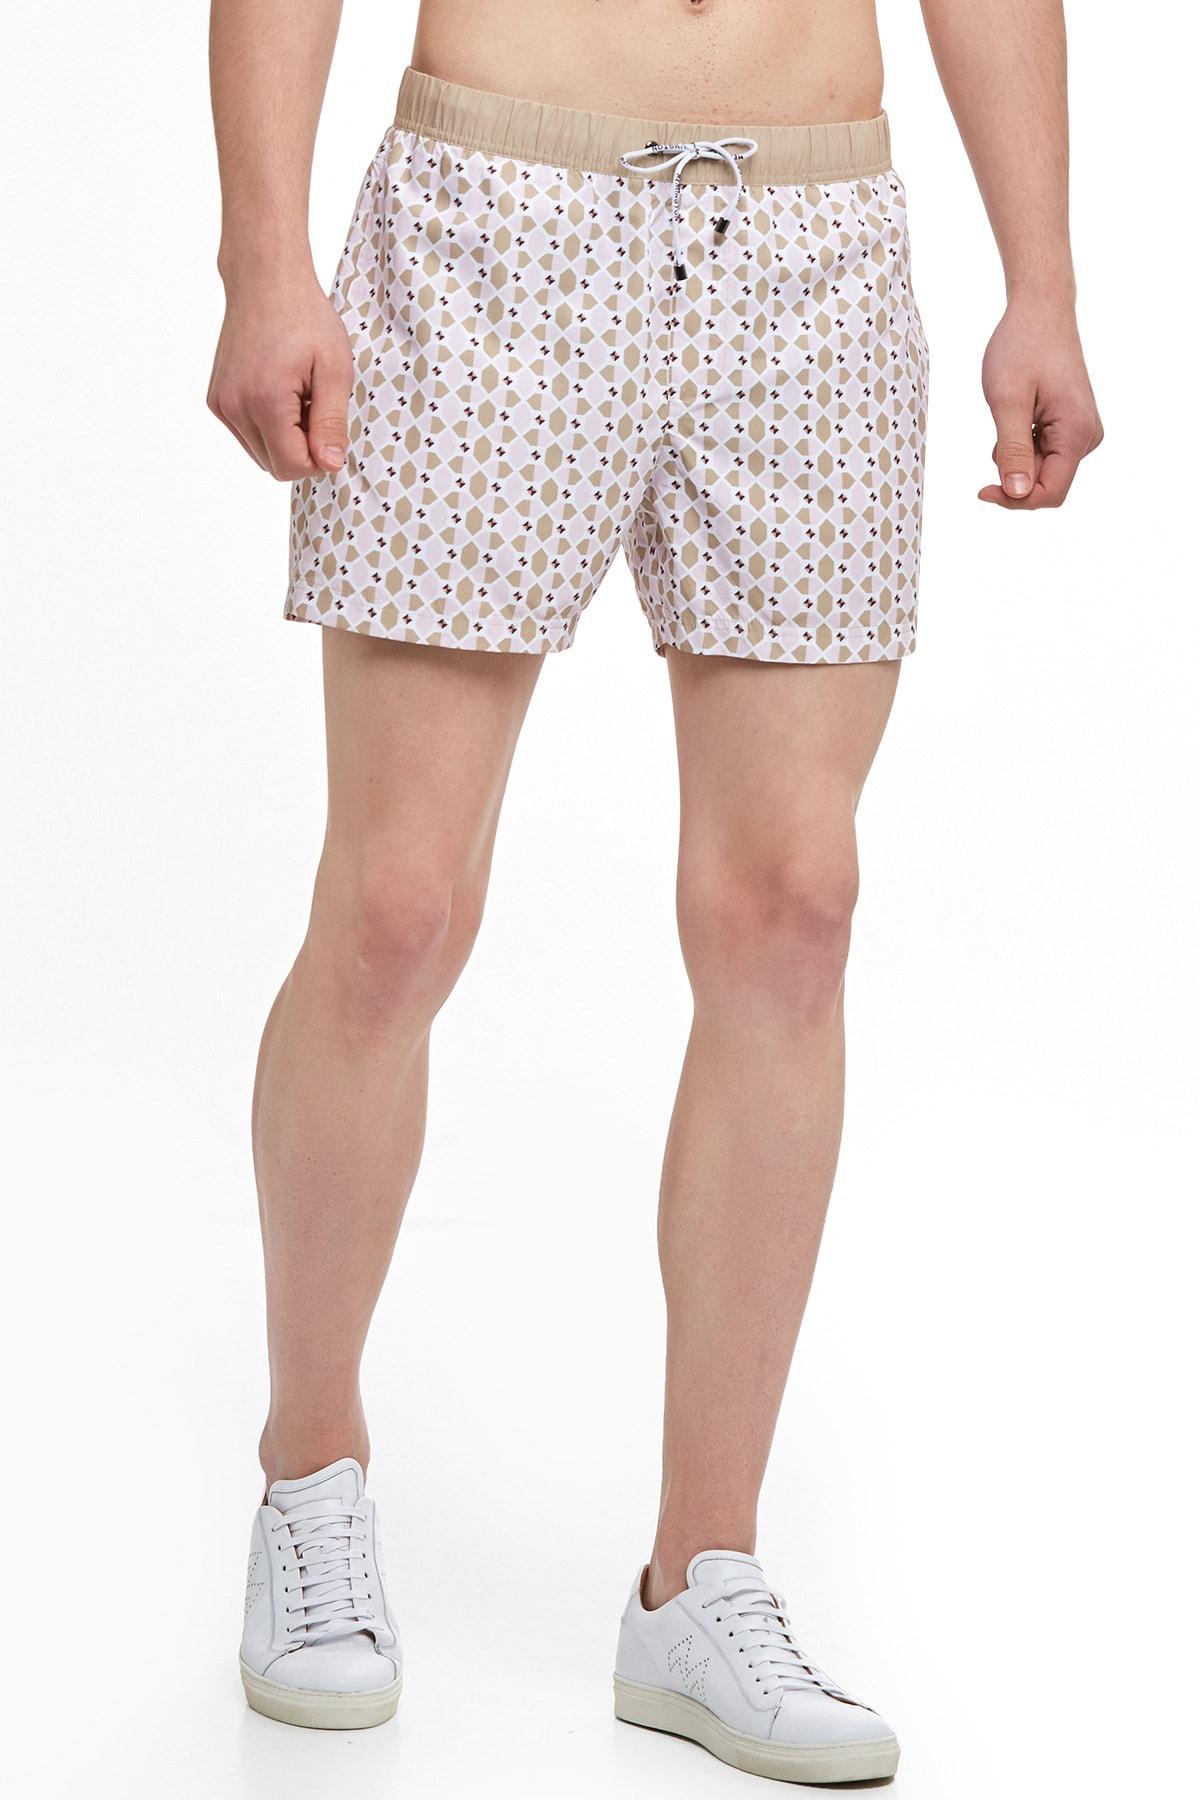 Hemington Erkek Pembe Heksagonal Desenli Şort Mayo 2